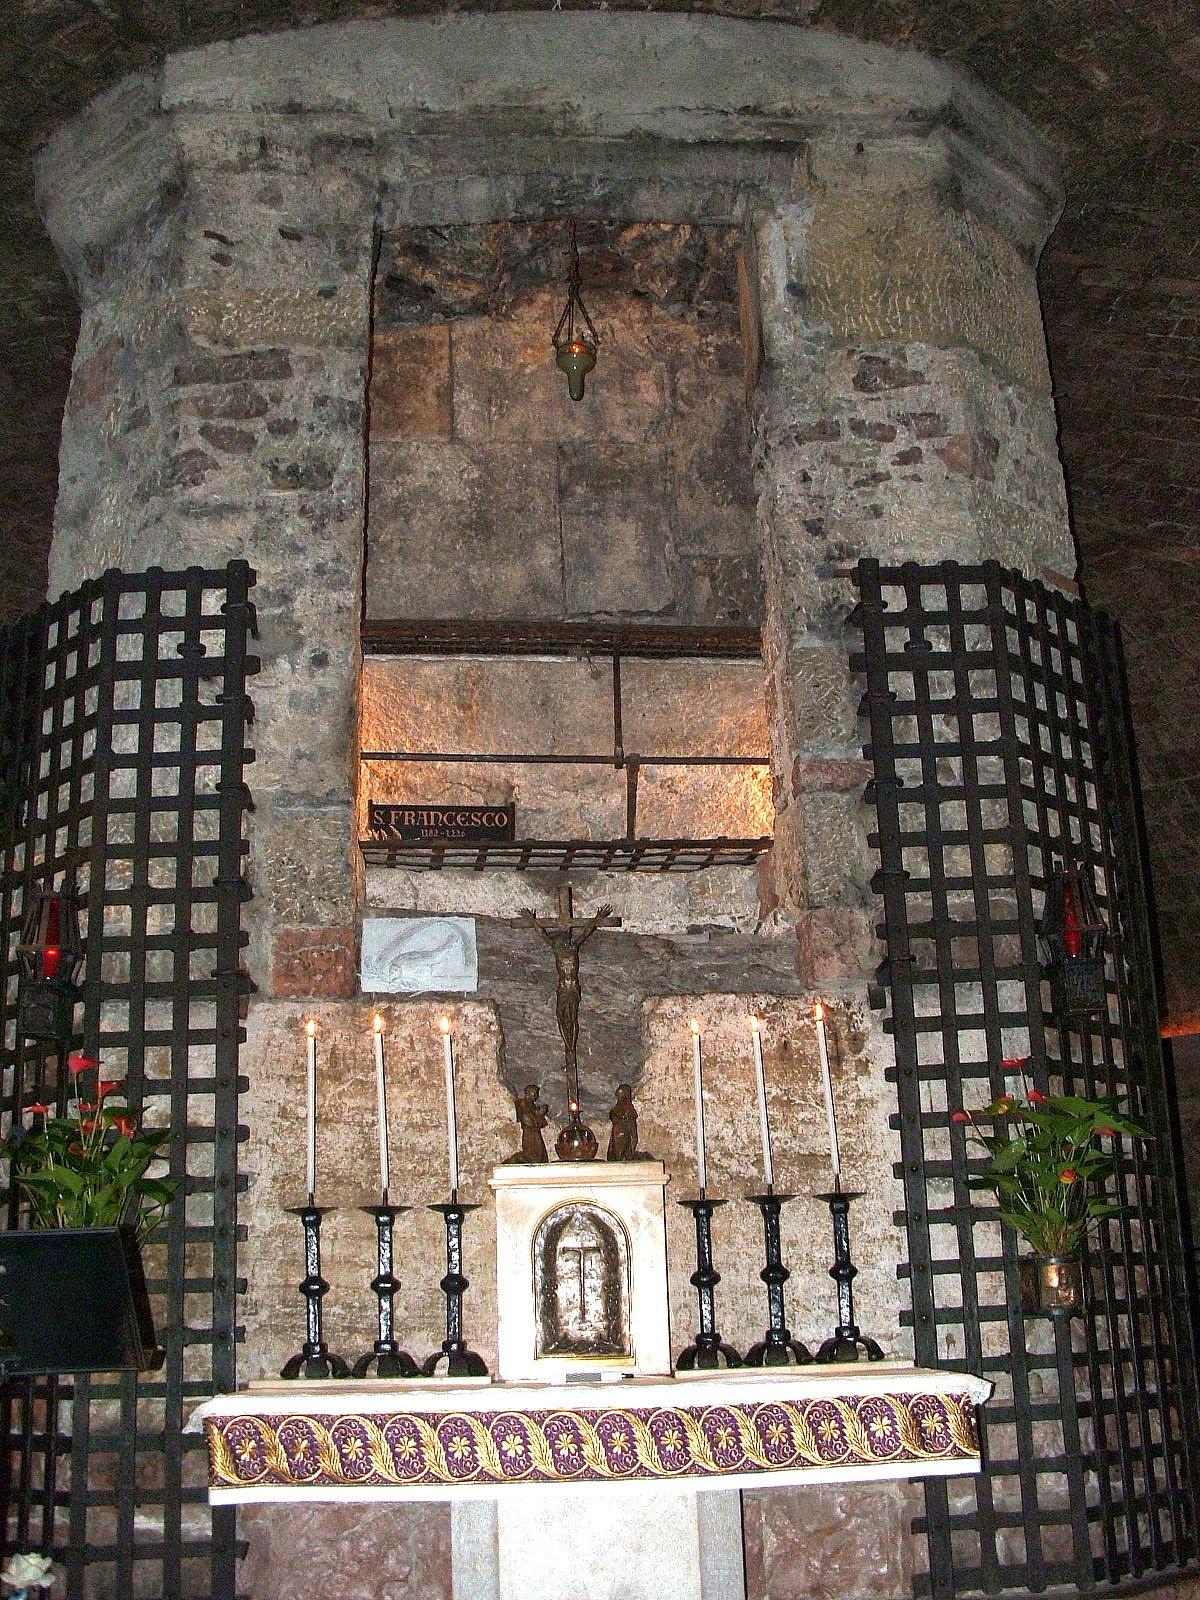 Tomb of St. Francis of Assisi. Basilica of San Francesco d'Assisi, Assisi. [ source ]